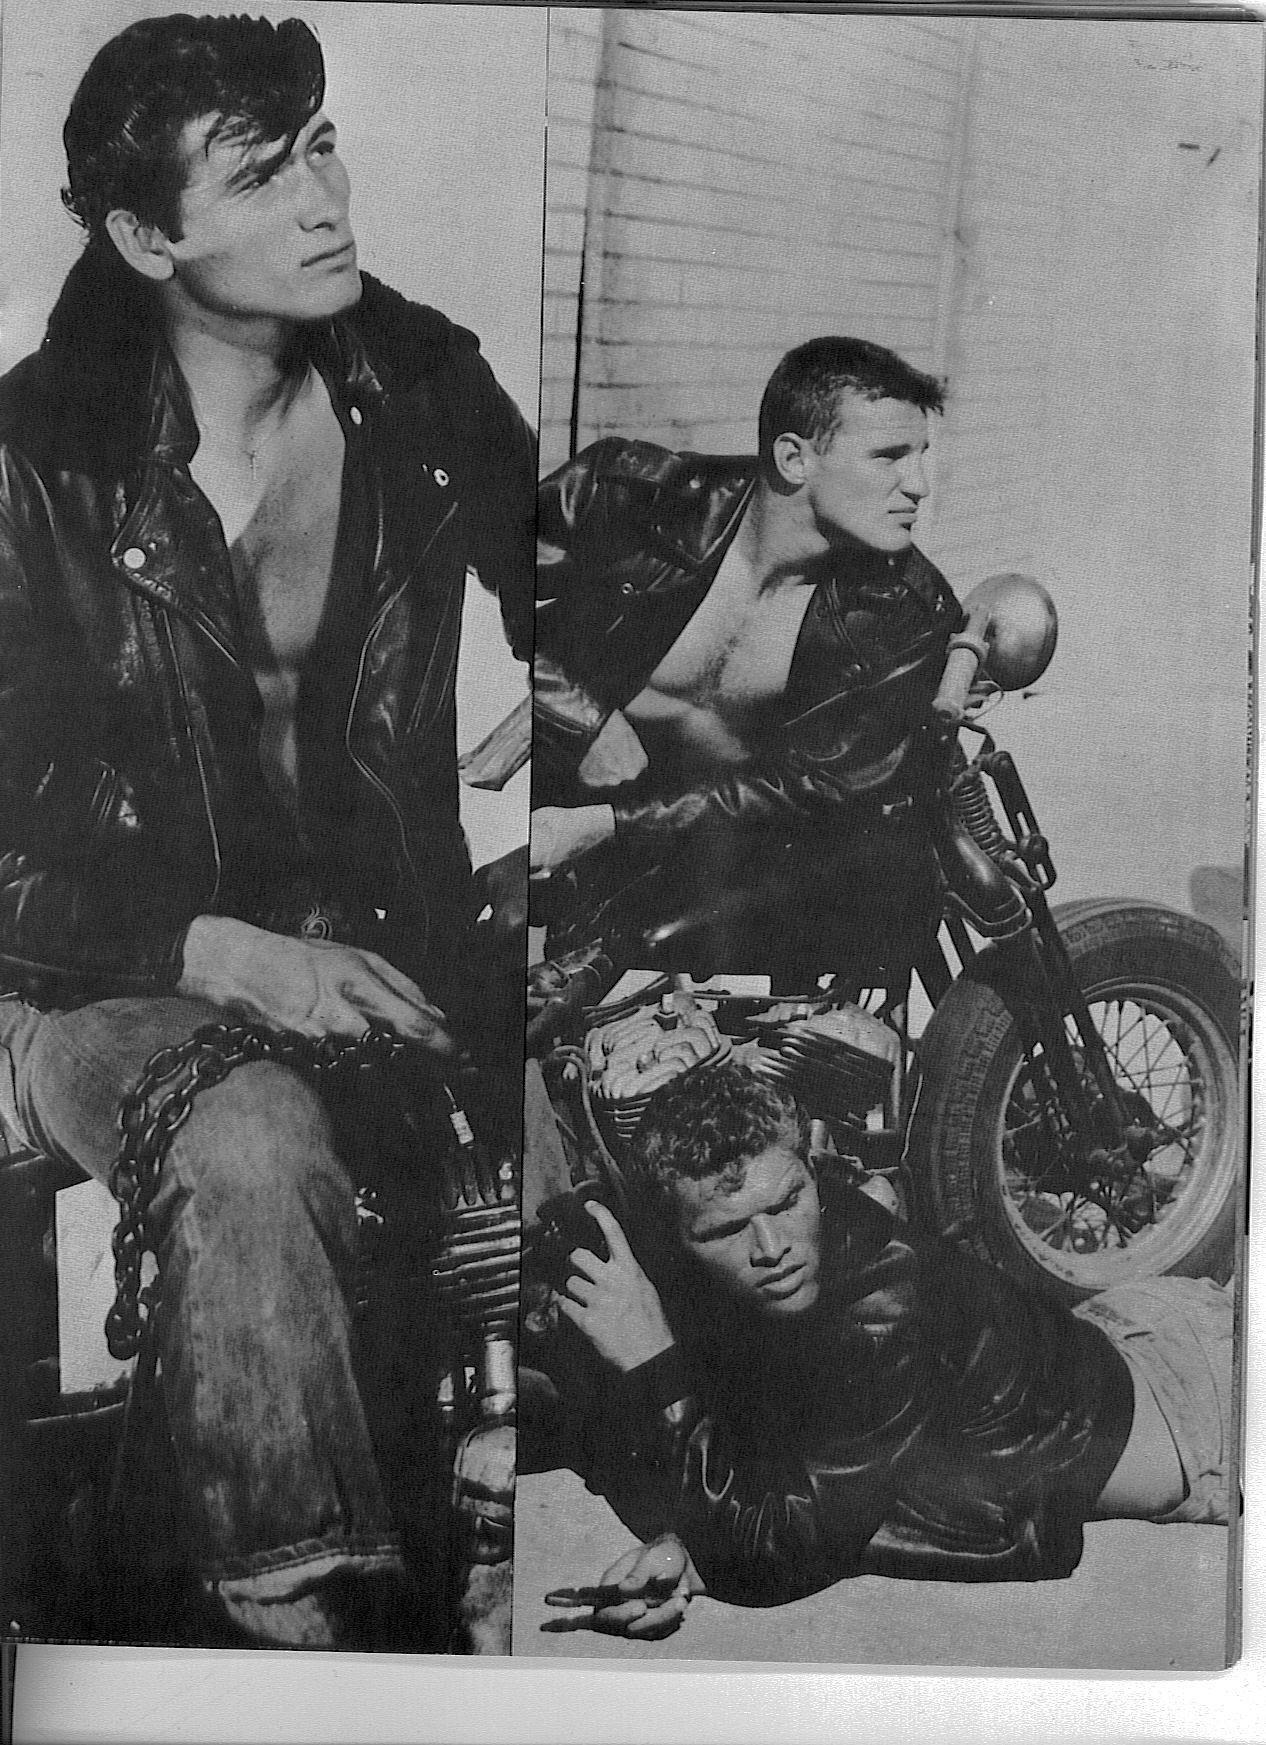 Vintage Beefcake Bikers